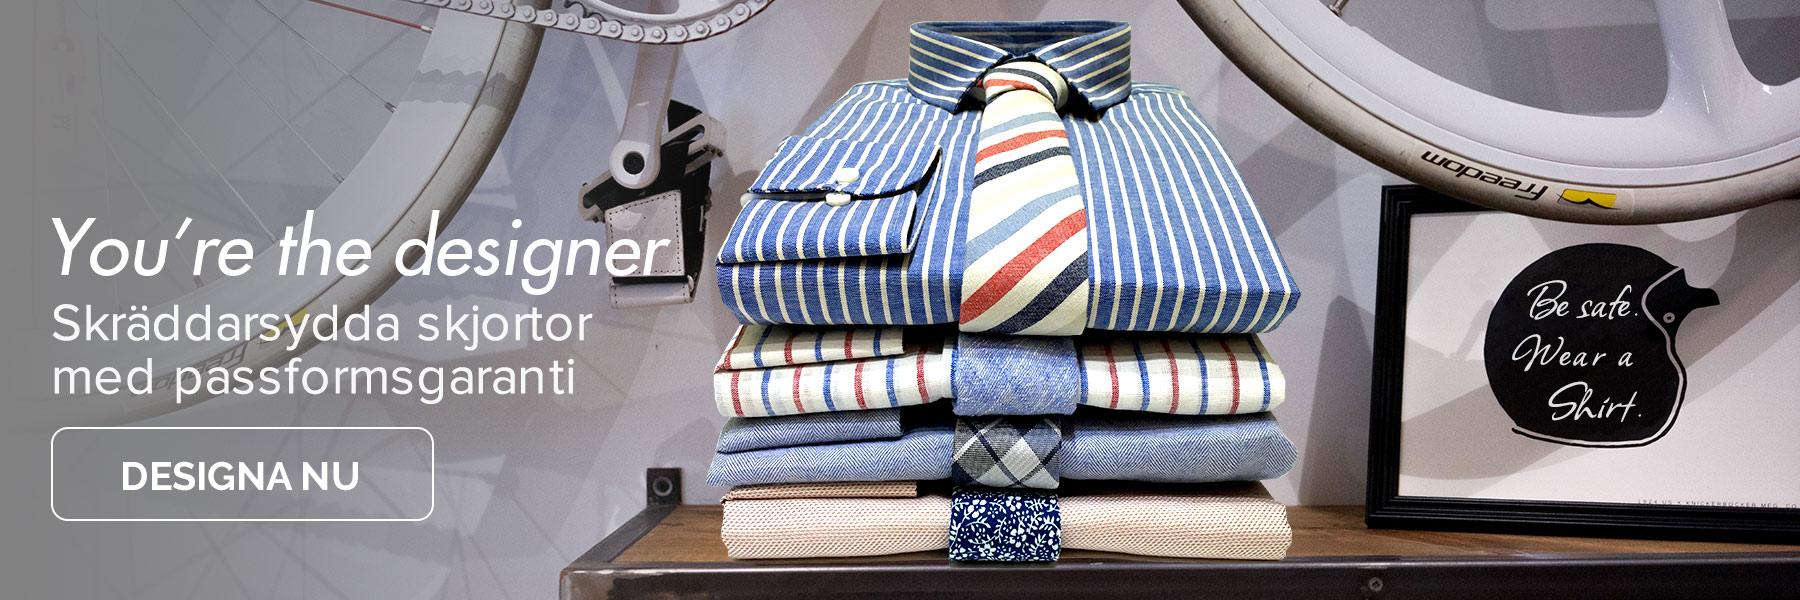 Designa din egen skräddarsydda skjorta